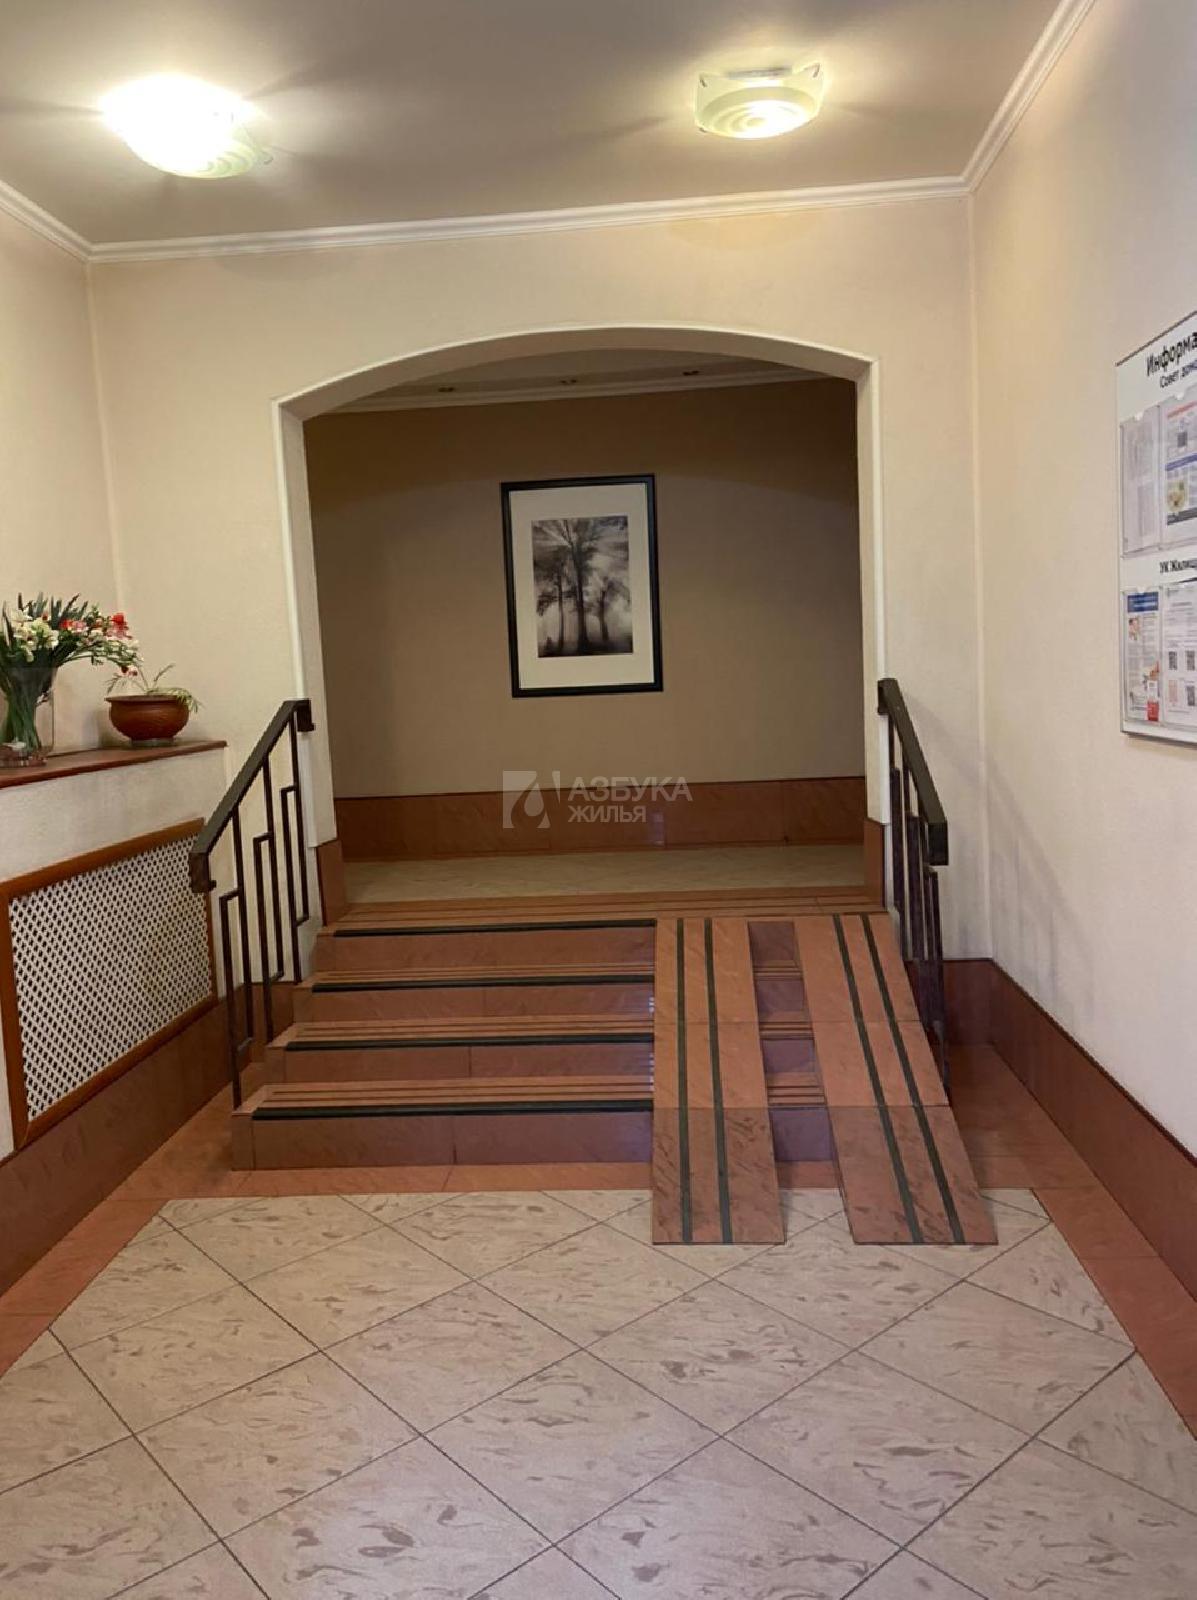 Фото №22 - 2-комнатная квартира, Москва, Загородное шоссе 8 корпус 2, метро Крымская